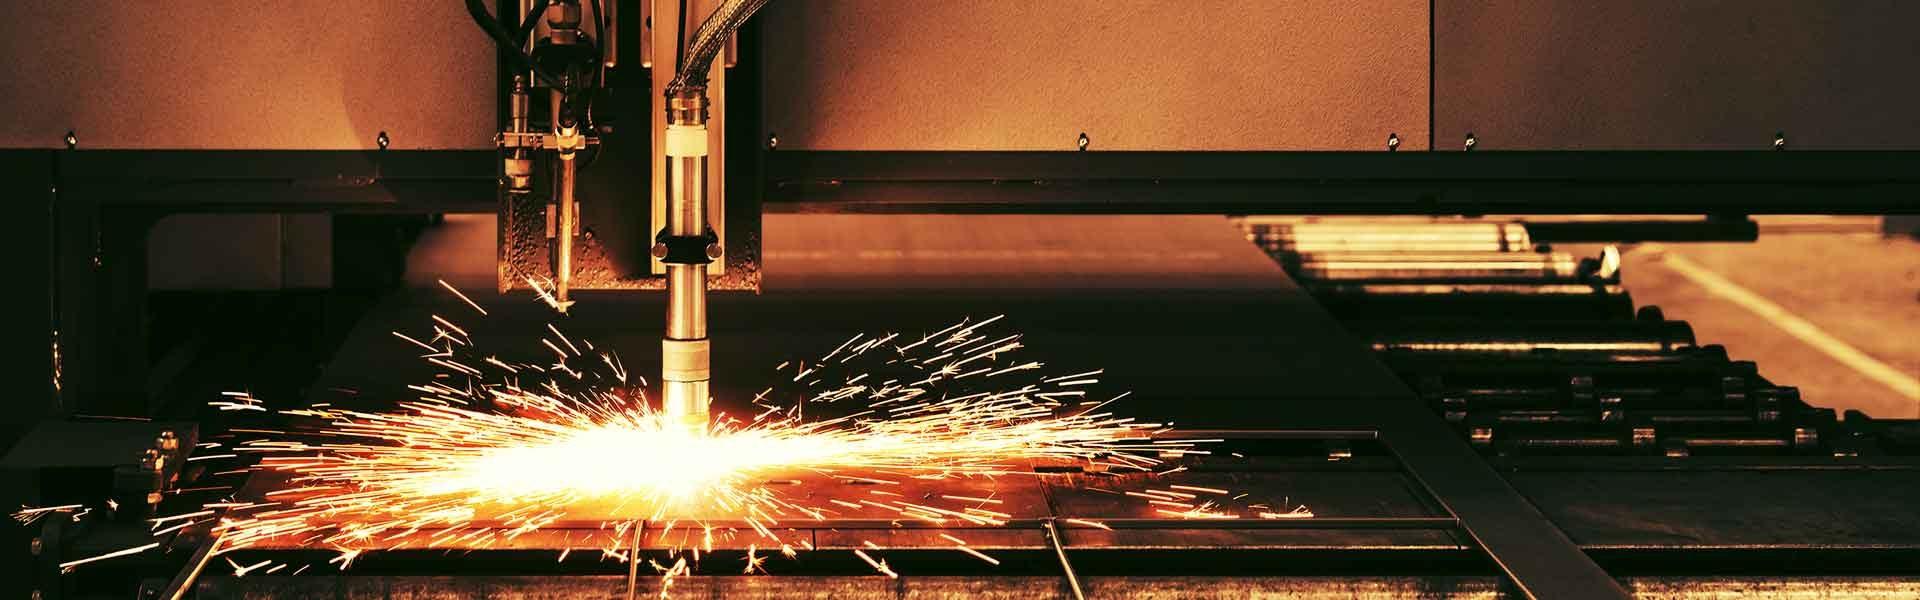 Evergreen Machine & Manufacturing, Inc.